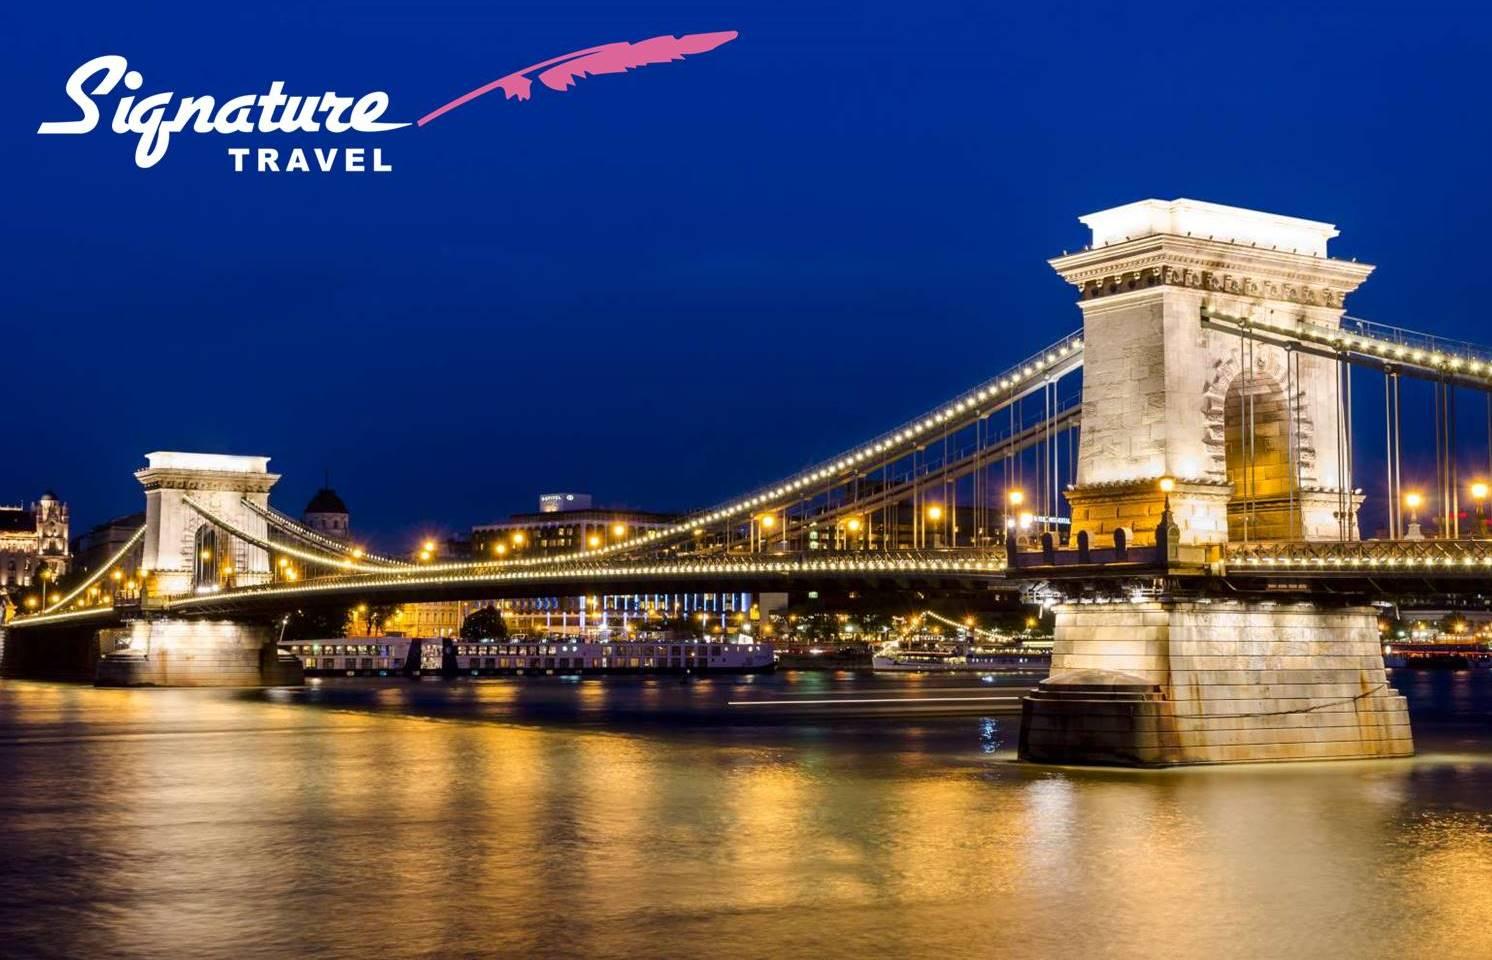 Προσφορά HappyDeals  - ΒΟΥΔΑΠΕΣΤΗ με την Υπογραφή του ''Signature Travel'' στην καλύτερη τιμή που έγινε ποτέ! 209€ για 4 μέρες με Αεροπορικά, Κεντρικό Ξενοδοχείο με Πρωινό &...